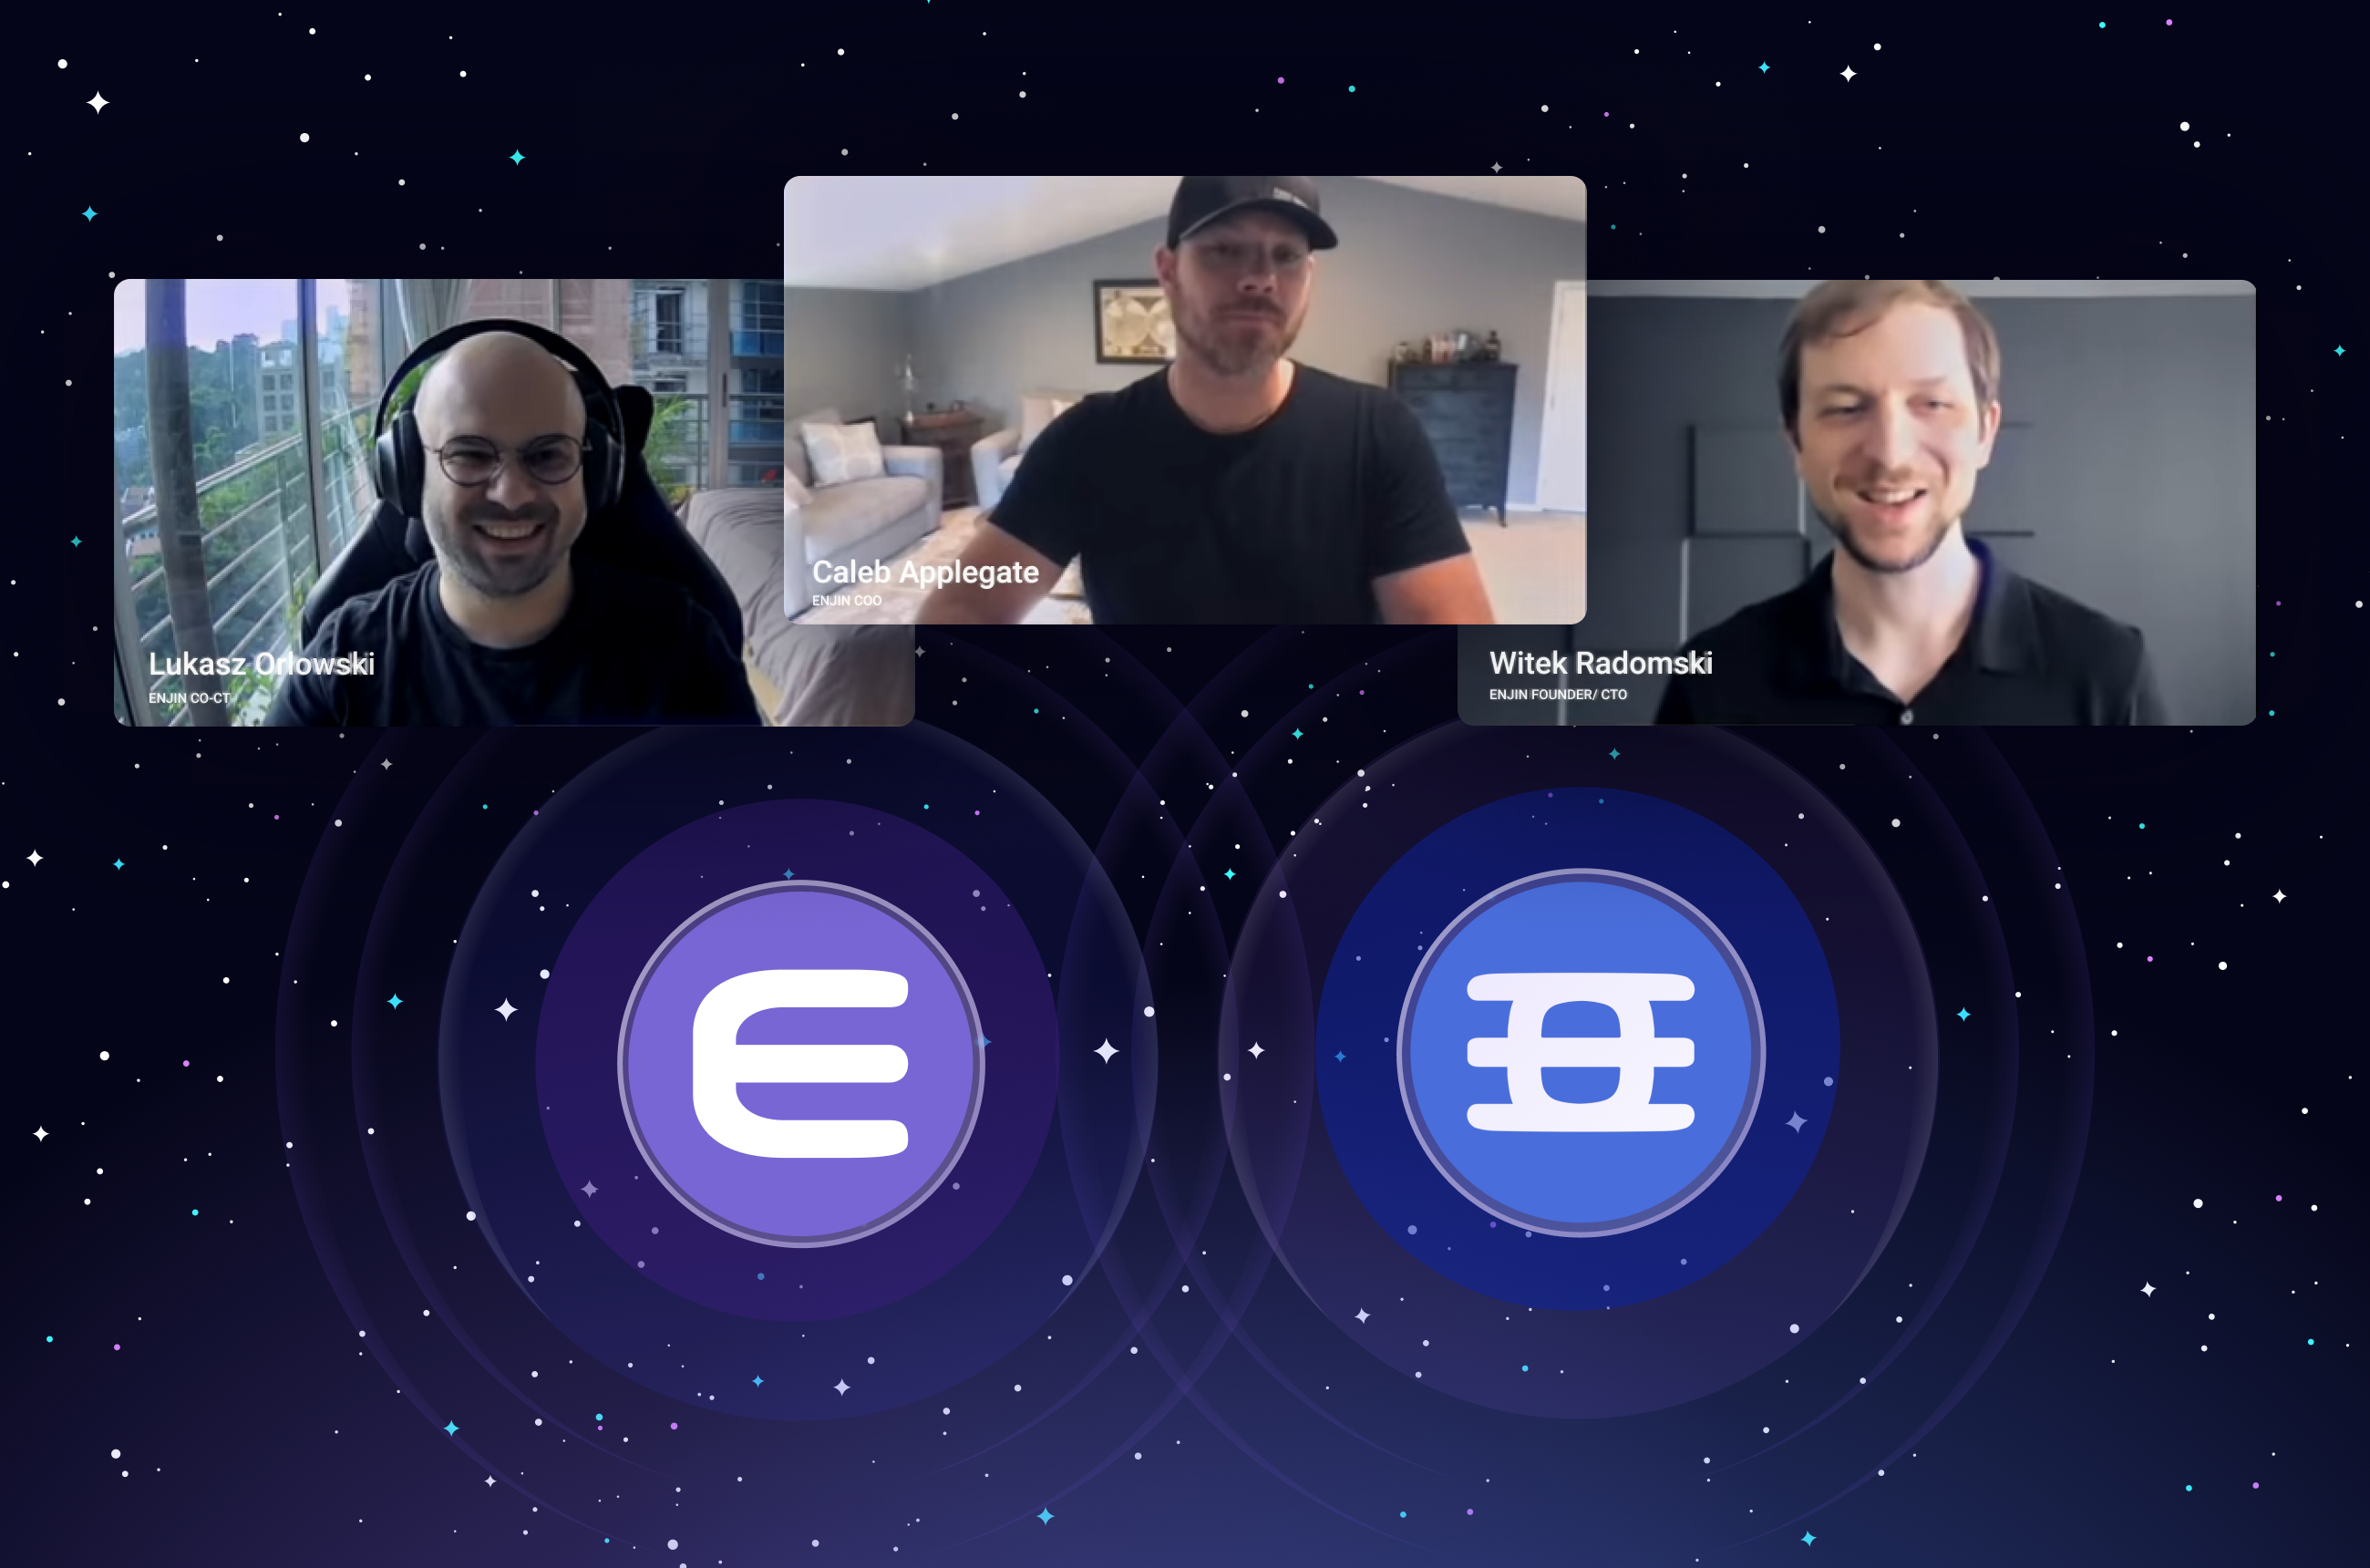 생태계 동영상 블로그, Ep. 1: EFI 토큰 출시, 파라토큰 표준 및 Efinity 트랜잭션 배치